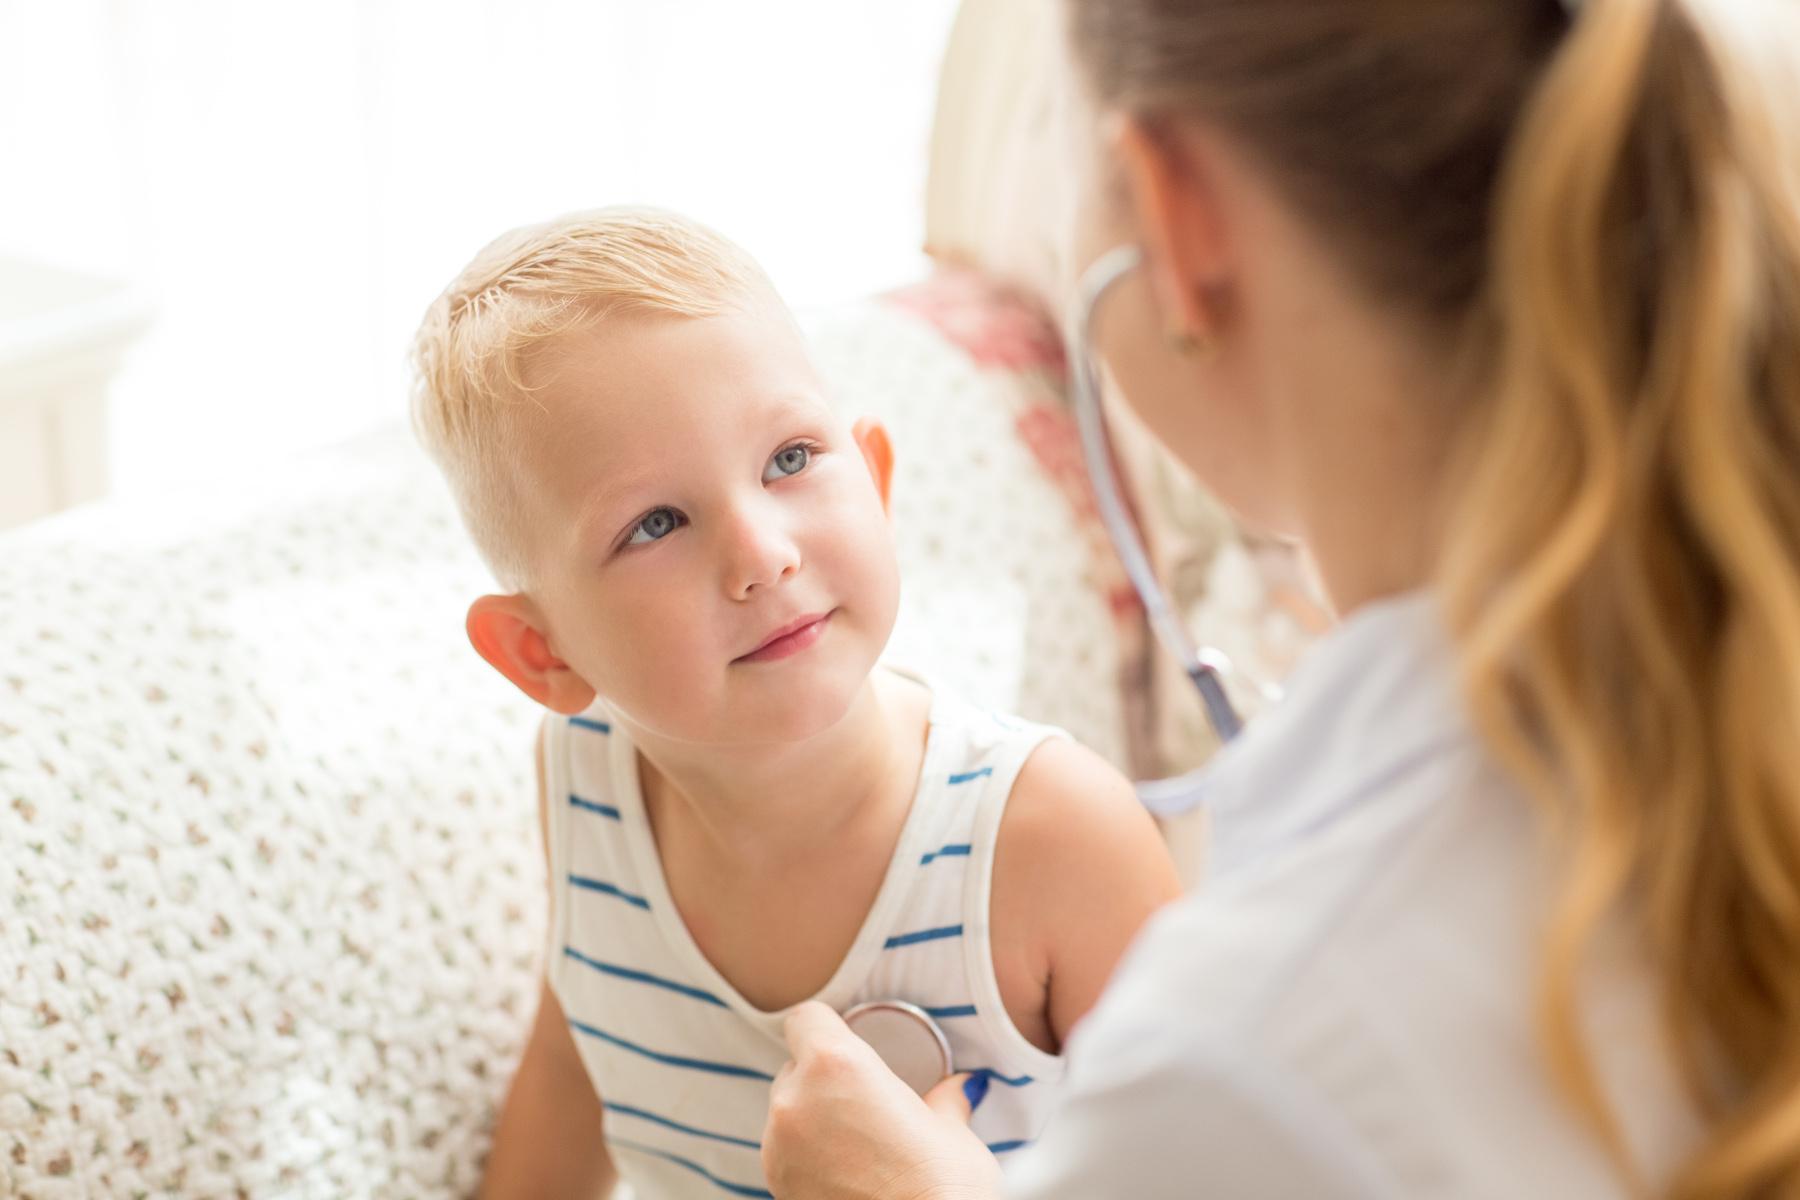 što je visoki krvni tlak kod djeteta